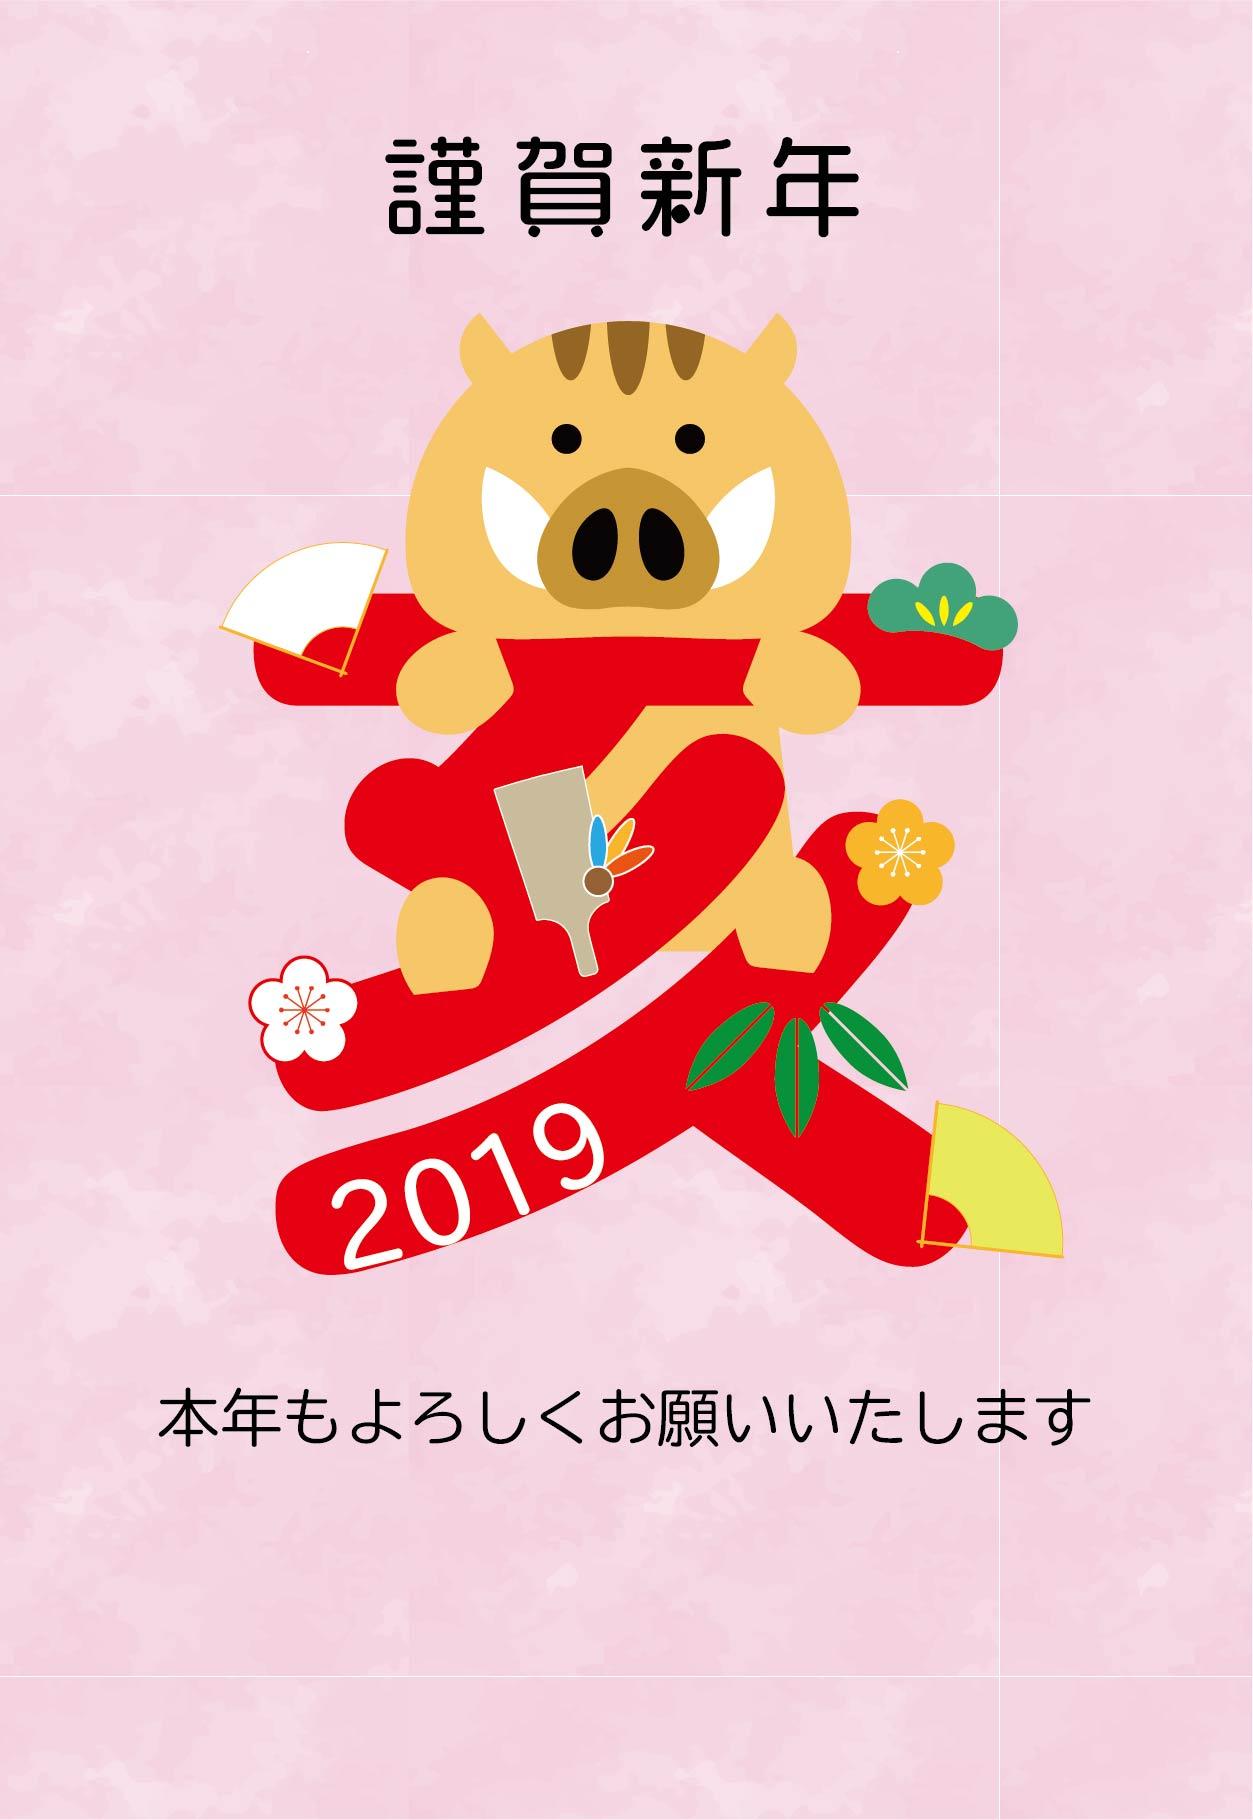 亥と猪が可愛らしい年賀状